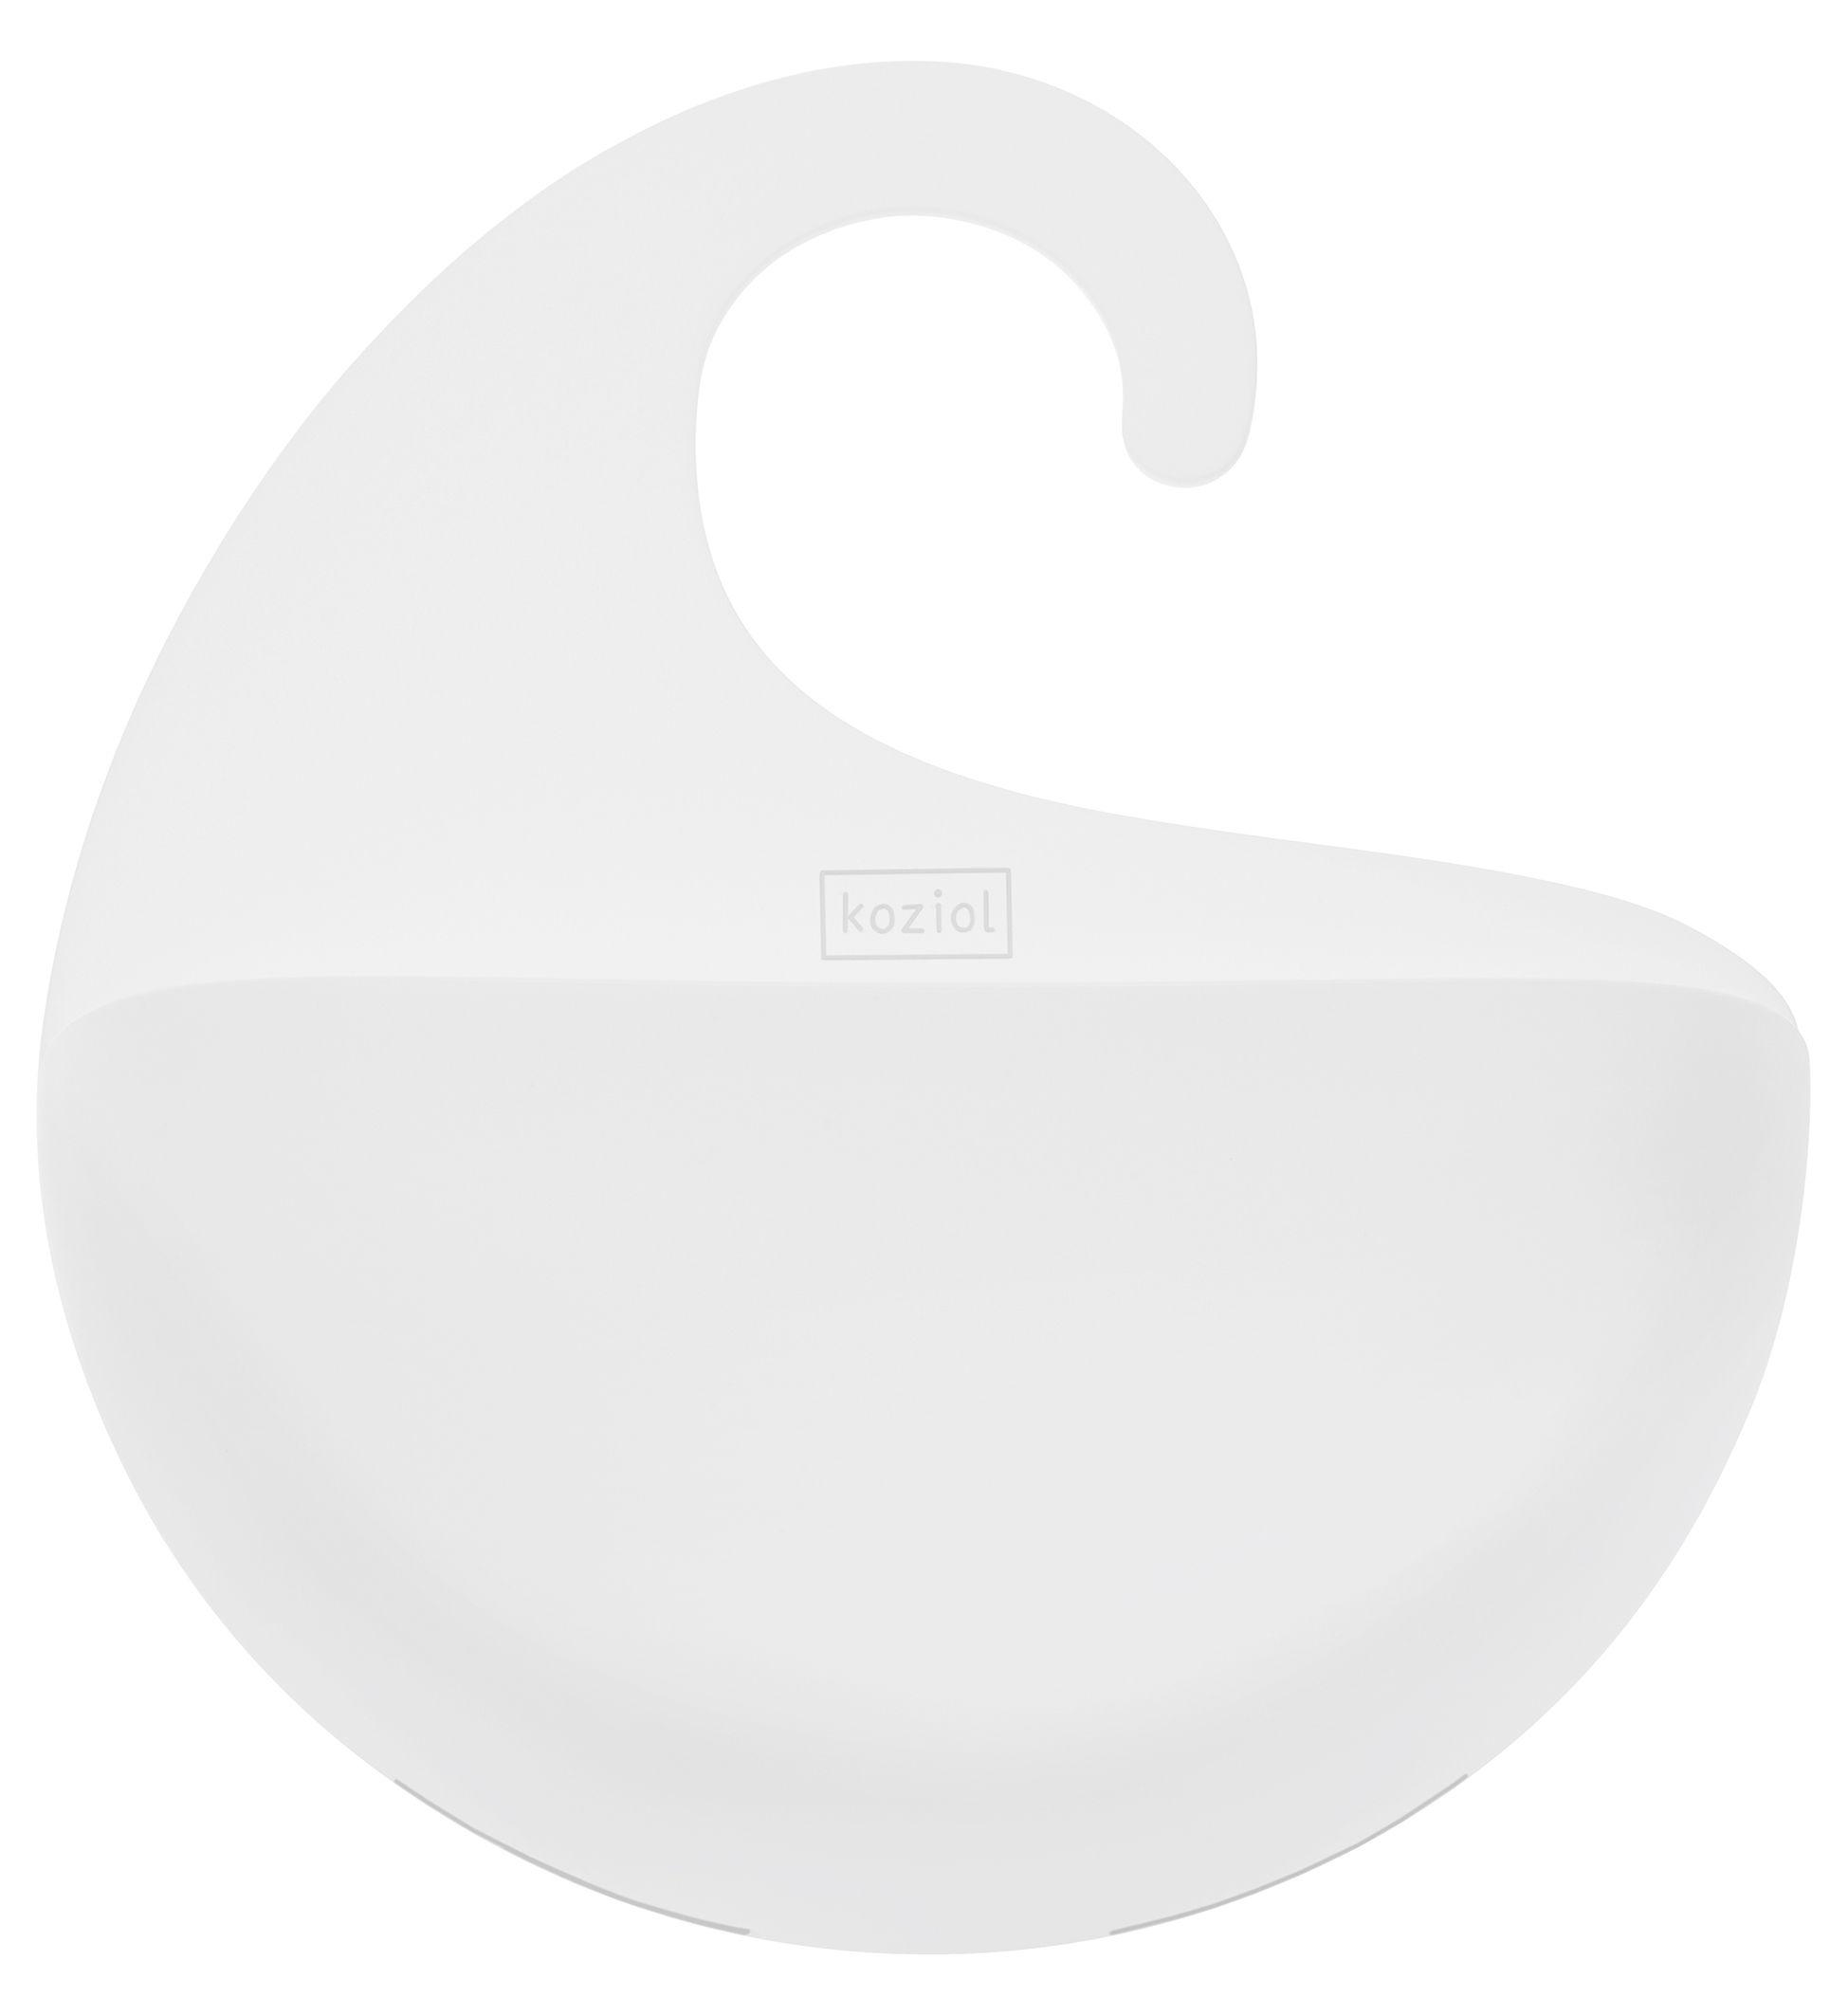 Interni - Bagno  - Vaschetta portaoggetti Surf - / da appendere di Koziol - Blanc opaque - Materiale plastico